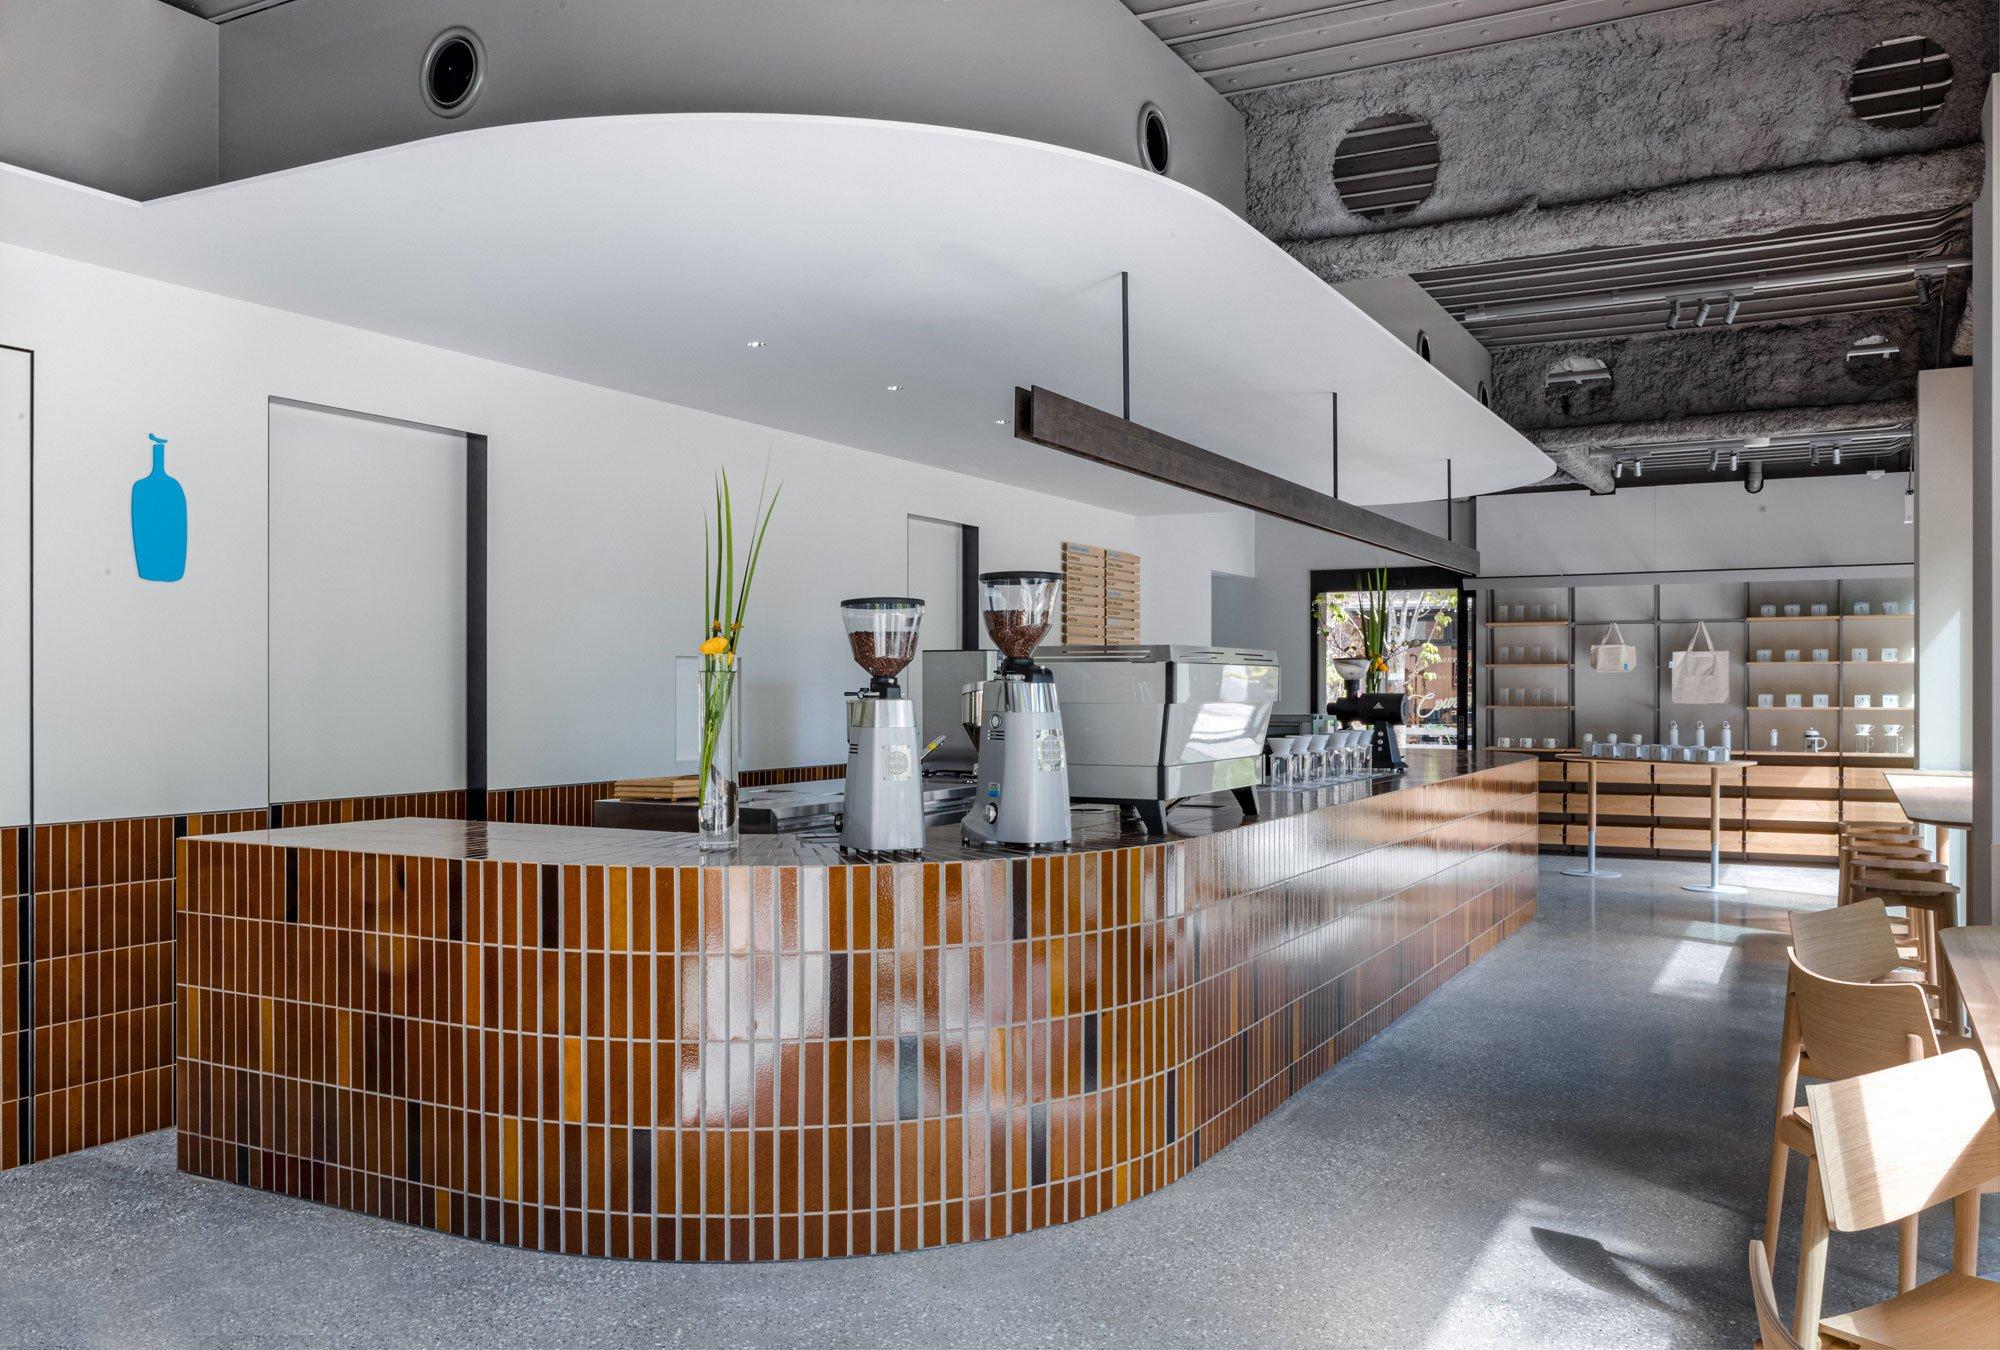 """Vom Ätna nach Tokio: Die Kaffeehauskette """"Blue Bottle Coffee"""" hat eine Dependance im Viertel Shibuya eröffnet – entworfen von Keiji Ashizawa Design."""